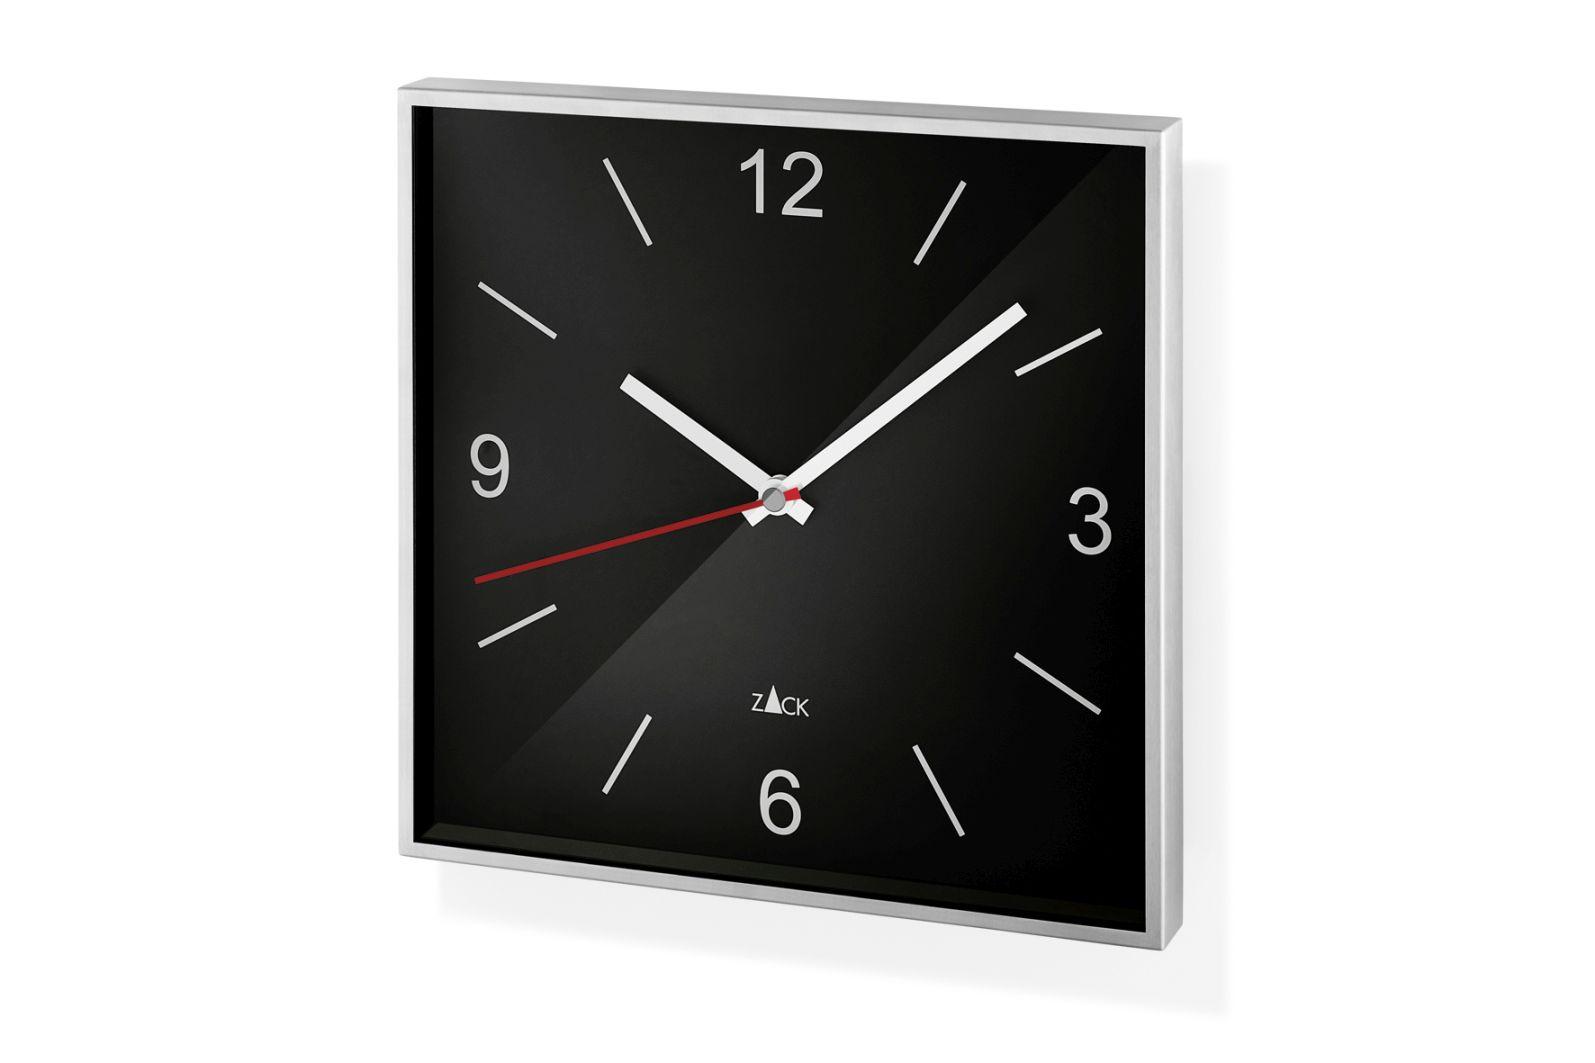 Nástěnné hodiny SILLAR, černé - ZACK